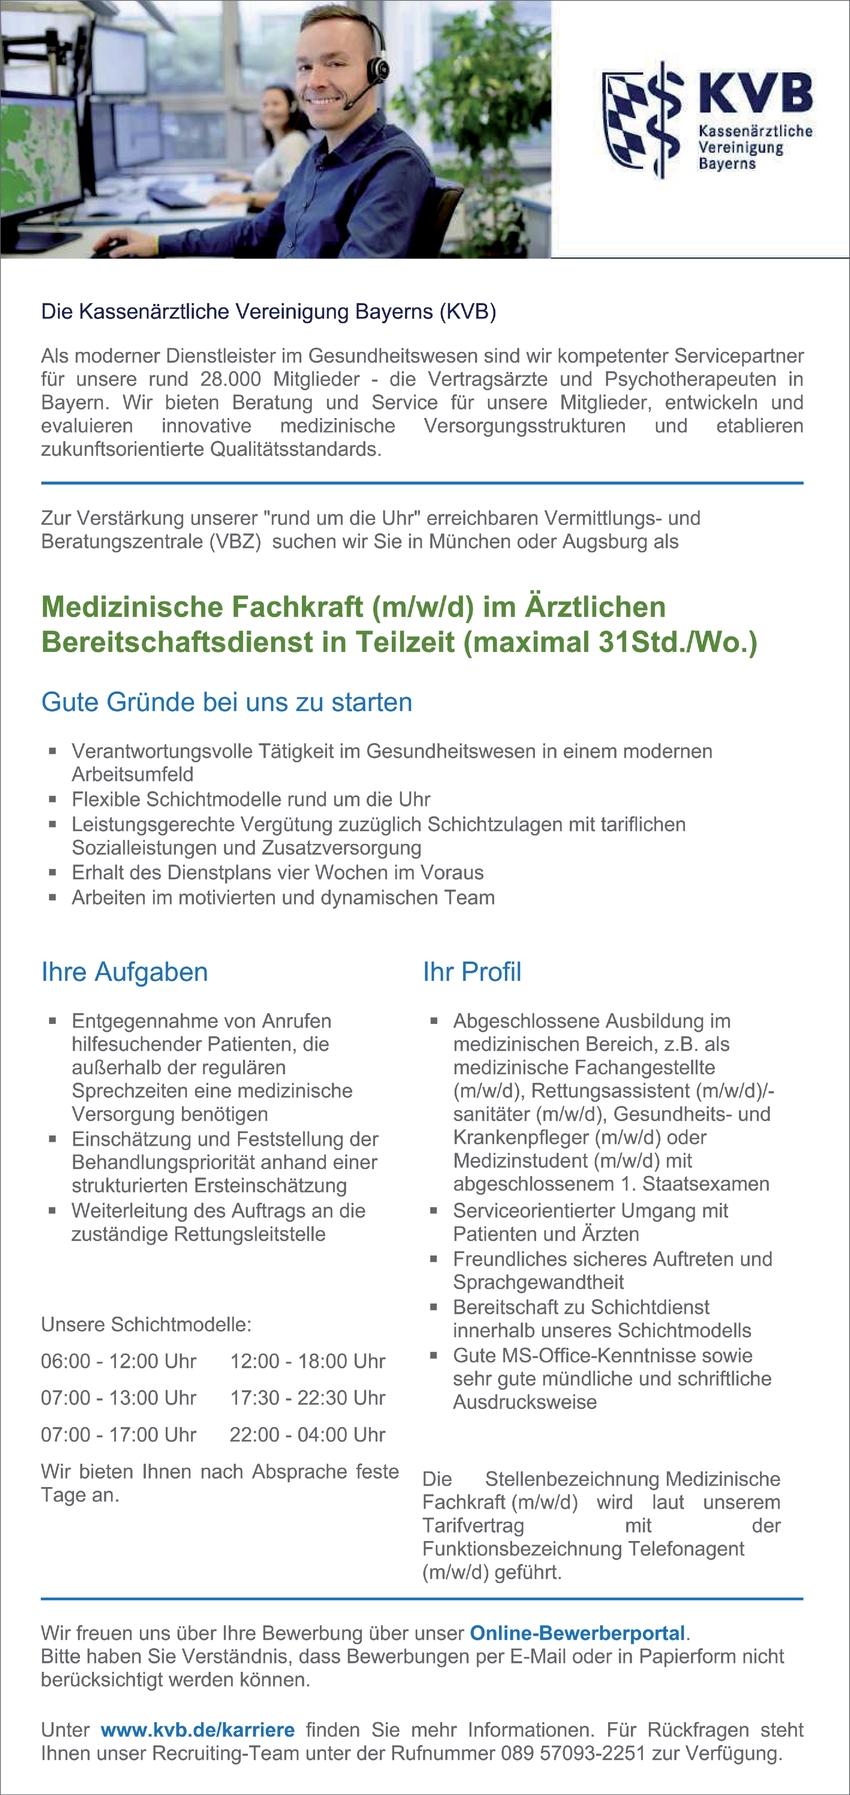 Medizinische Fachkraft (m/w/d) im Ärztlichen Bereitschaftsdienst in Teilzeit (maximal 31Std./Wo.)